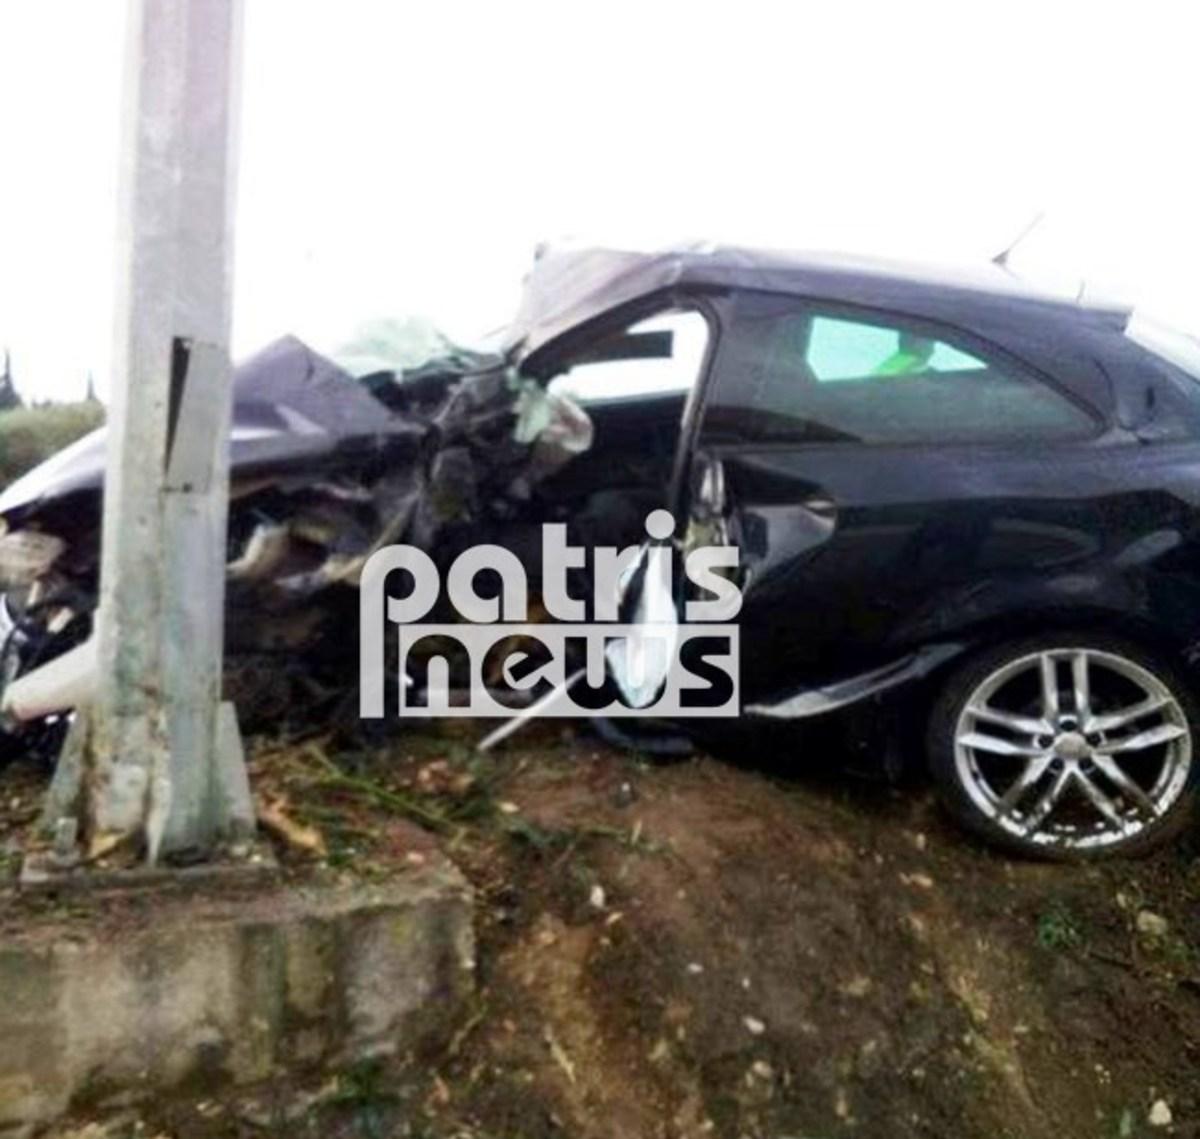 Ηλεία: Τραυματίστηκε σε τροχαίο ο Φαίδωνας Κουλούρης – Αυτοψία στο σημείο του ατυχήματος [pics] | Newsit.gr